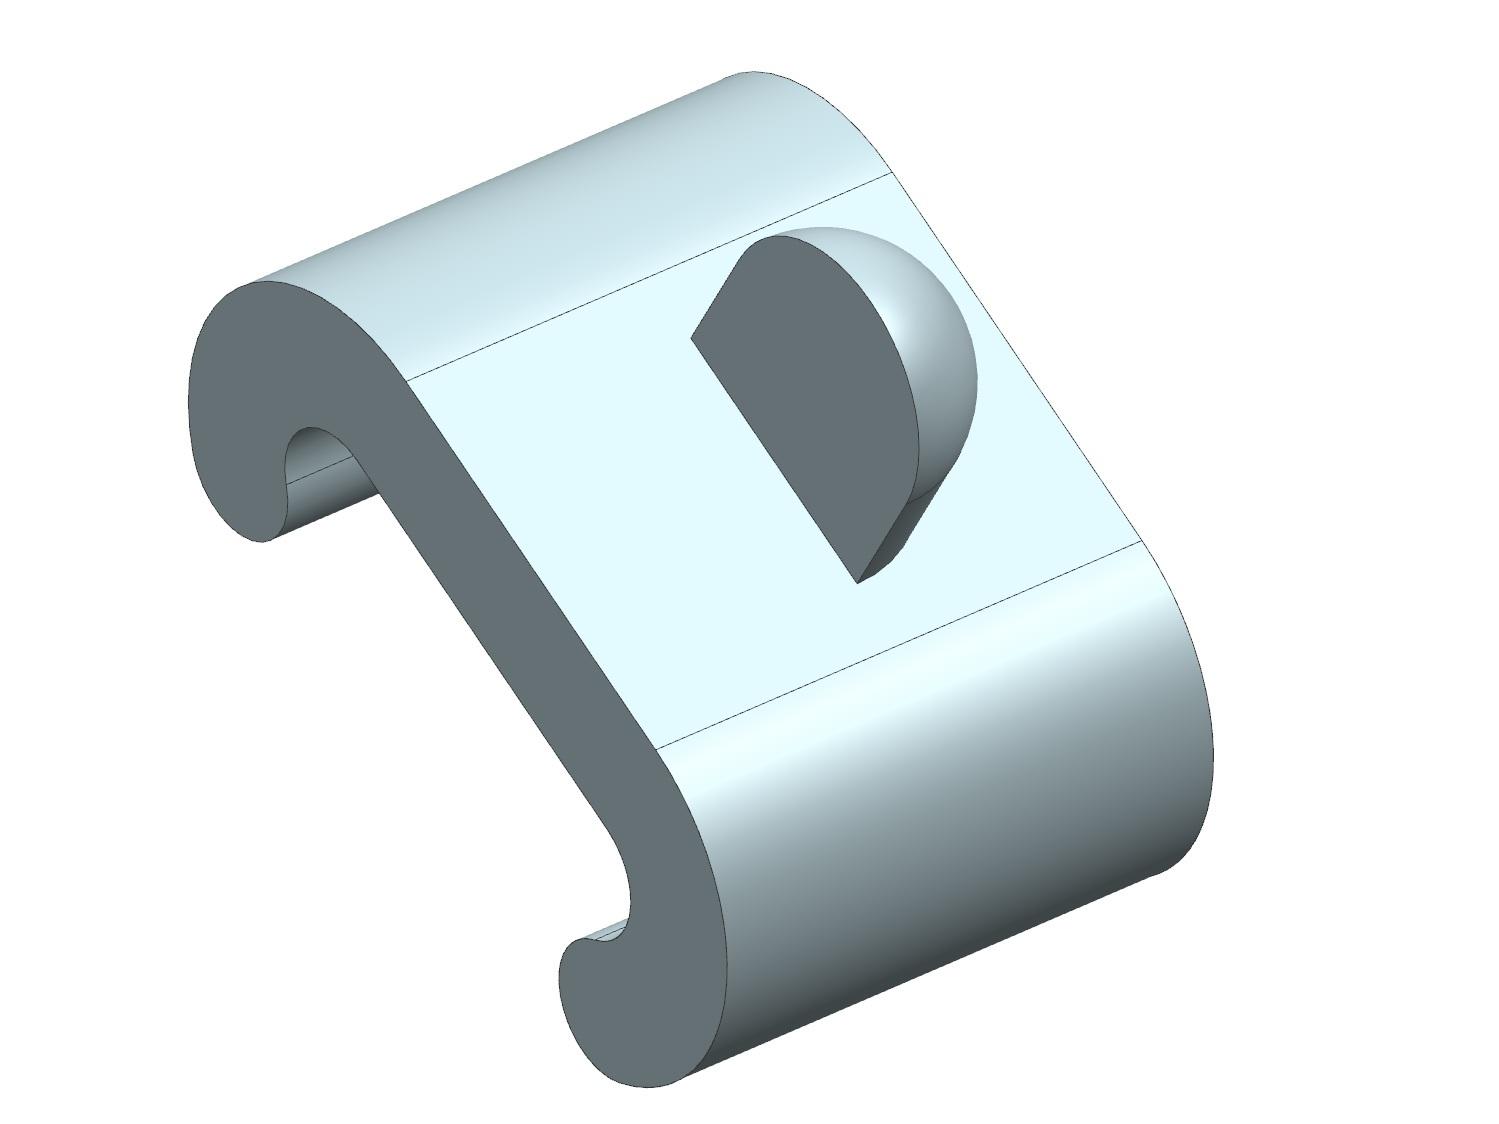 Project_Bracelet_Clip_2.2_2.png